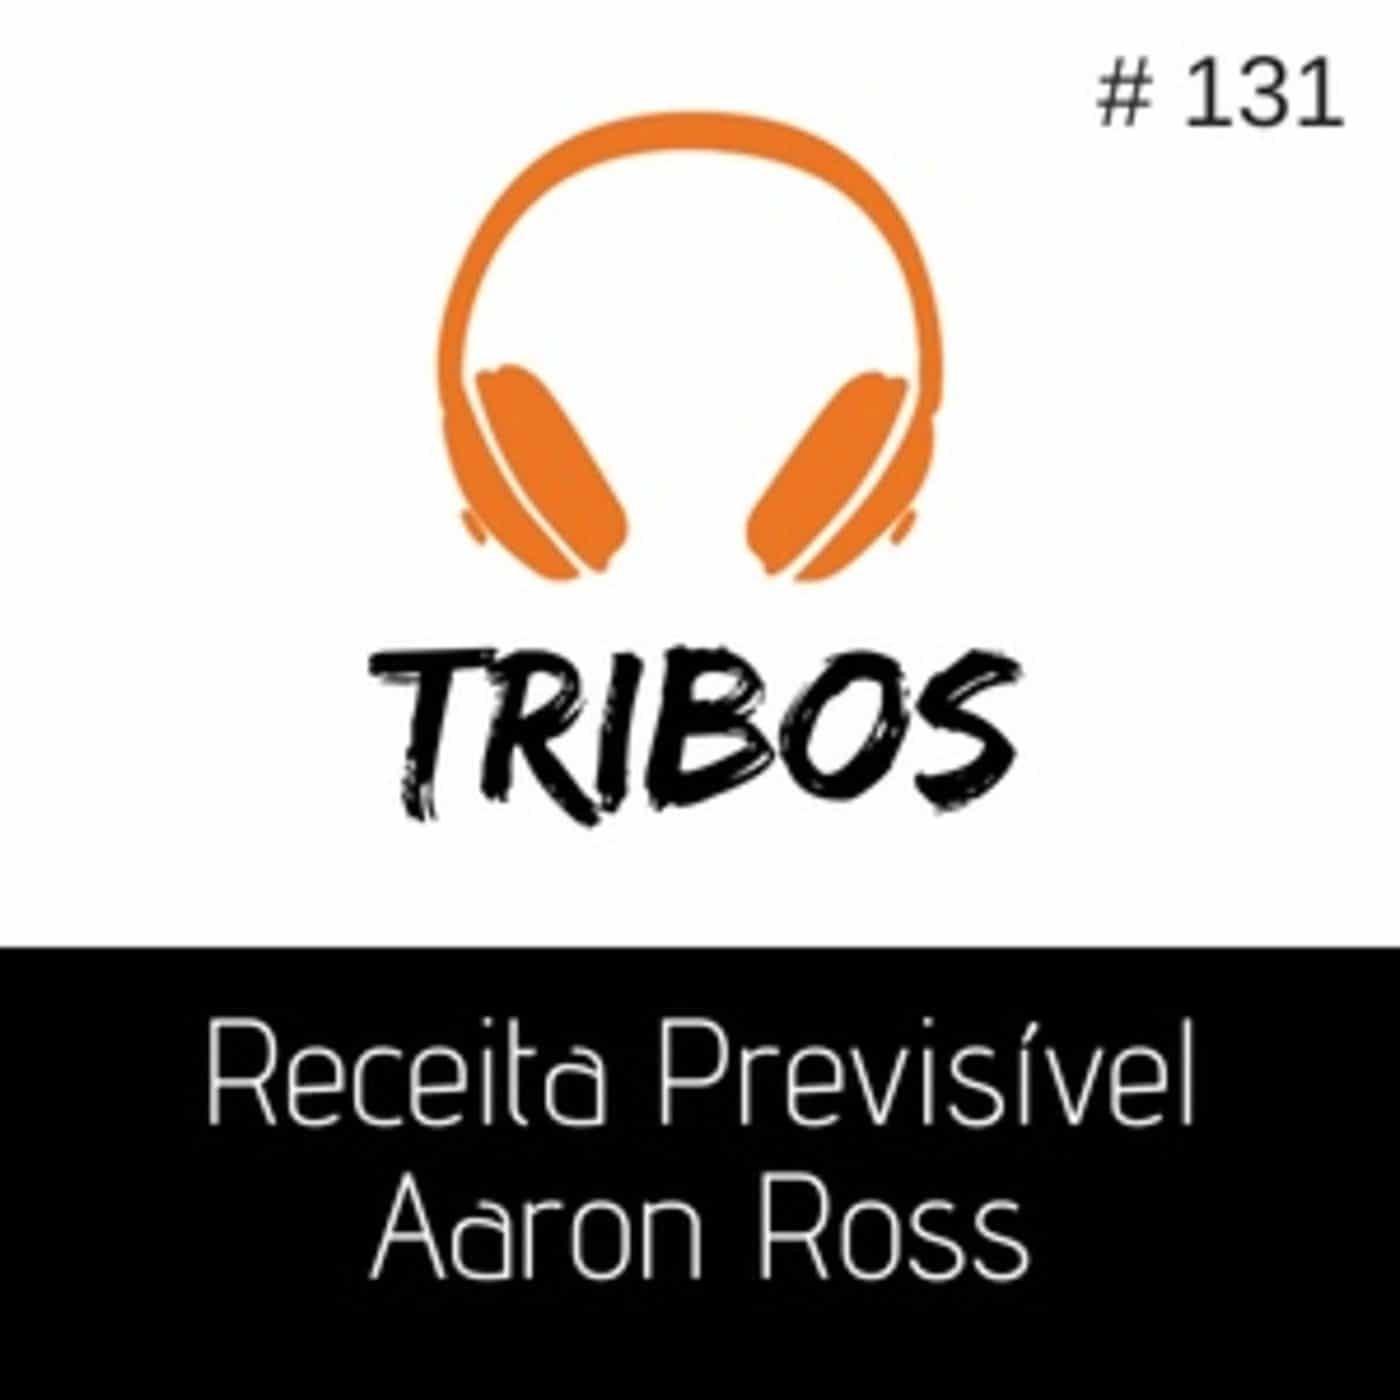 ResumoCast Tribos: Receita Previsível – Aaron Ross | T1#131